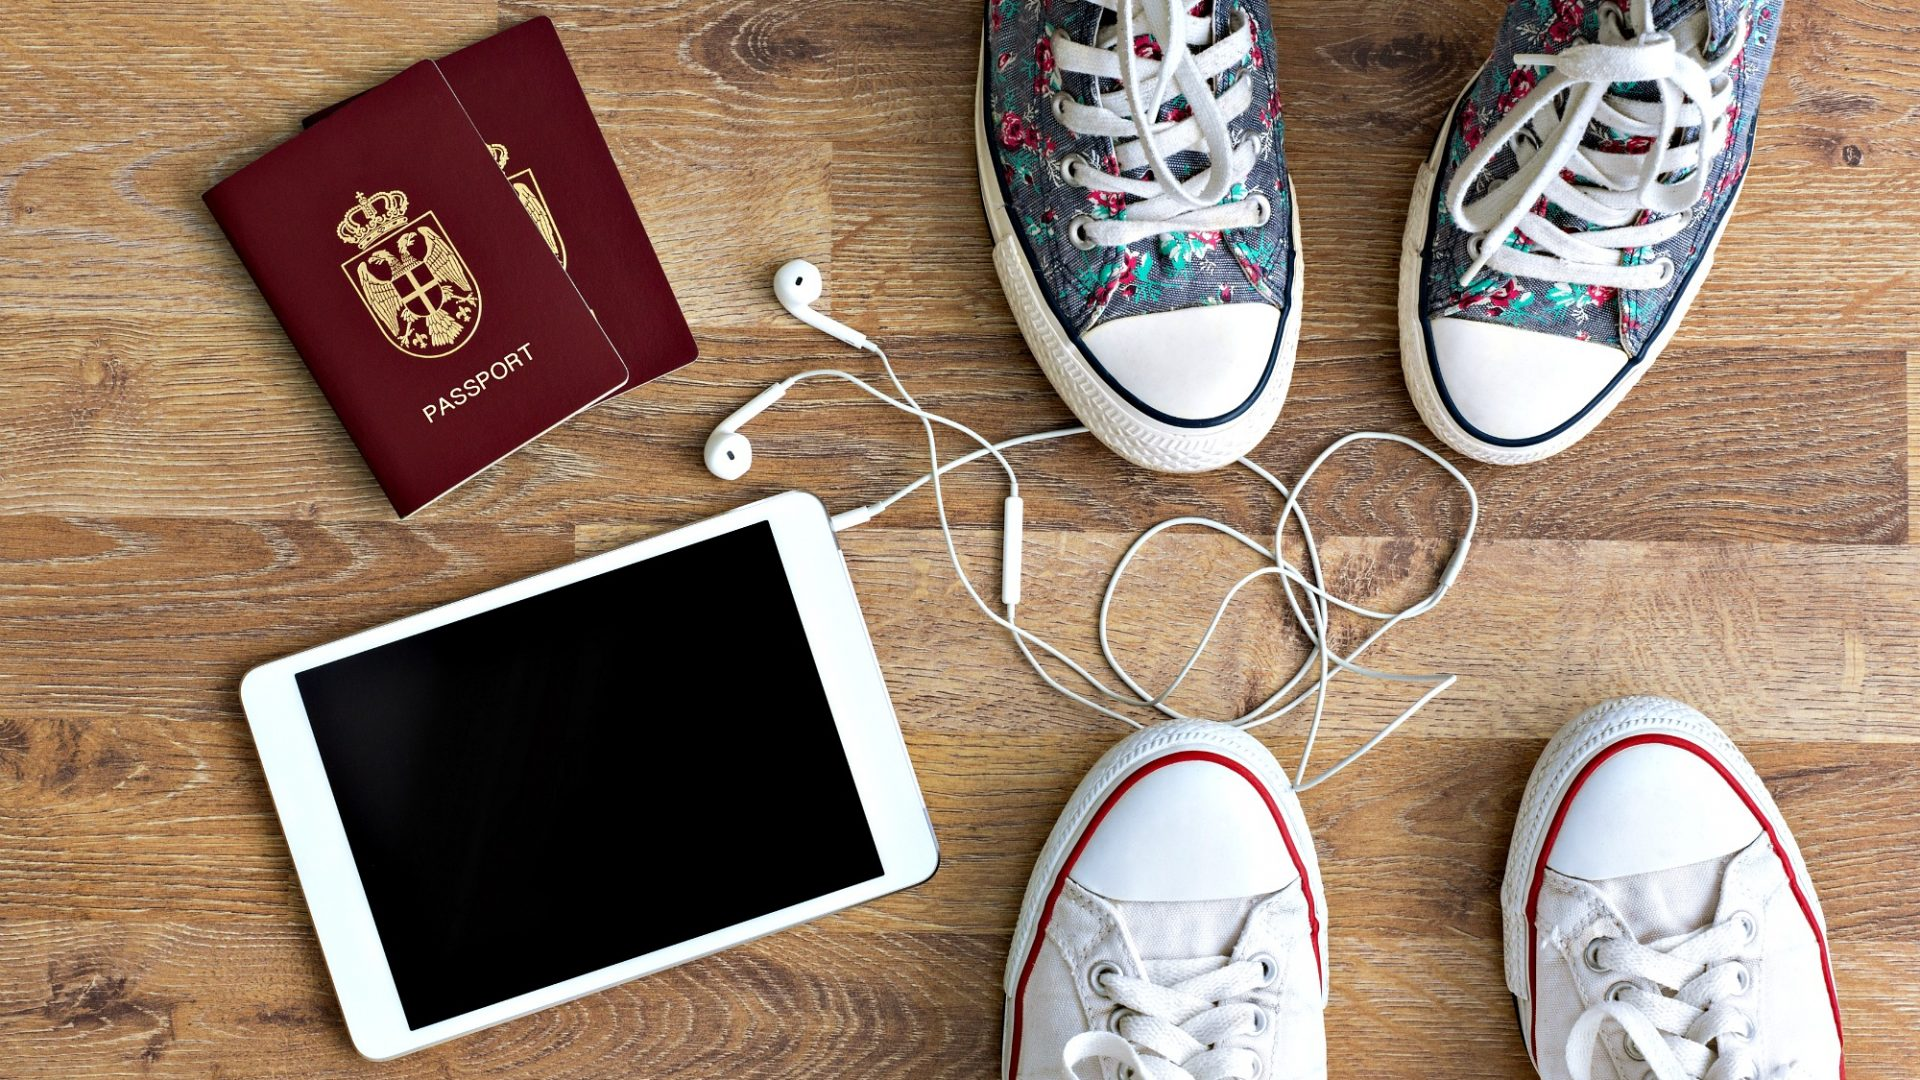 Economico e social: il viaggio sempre più a portata di click